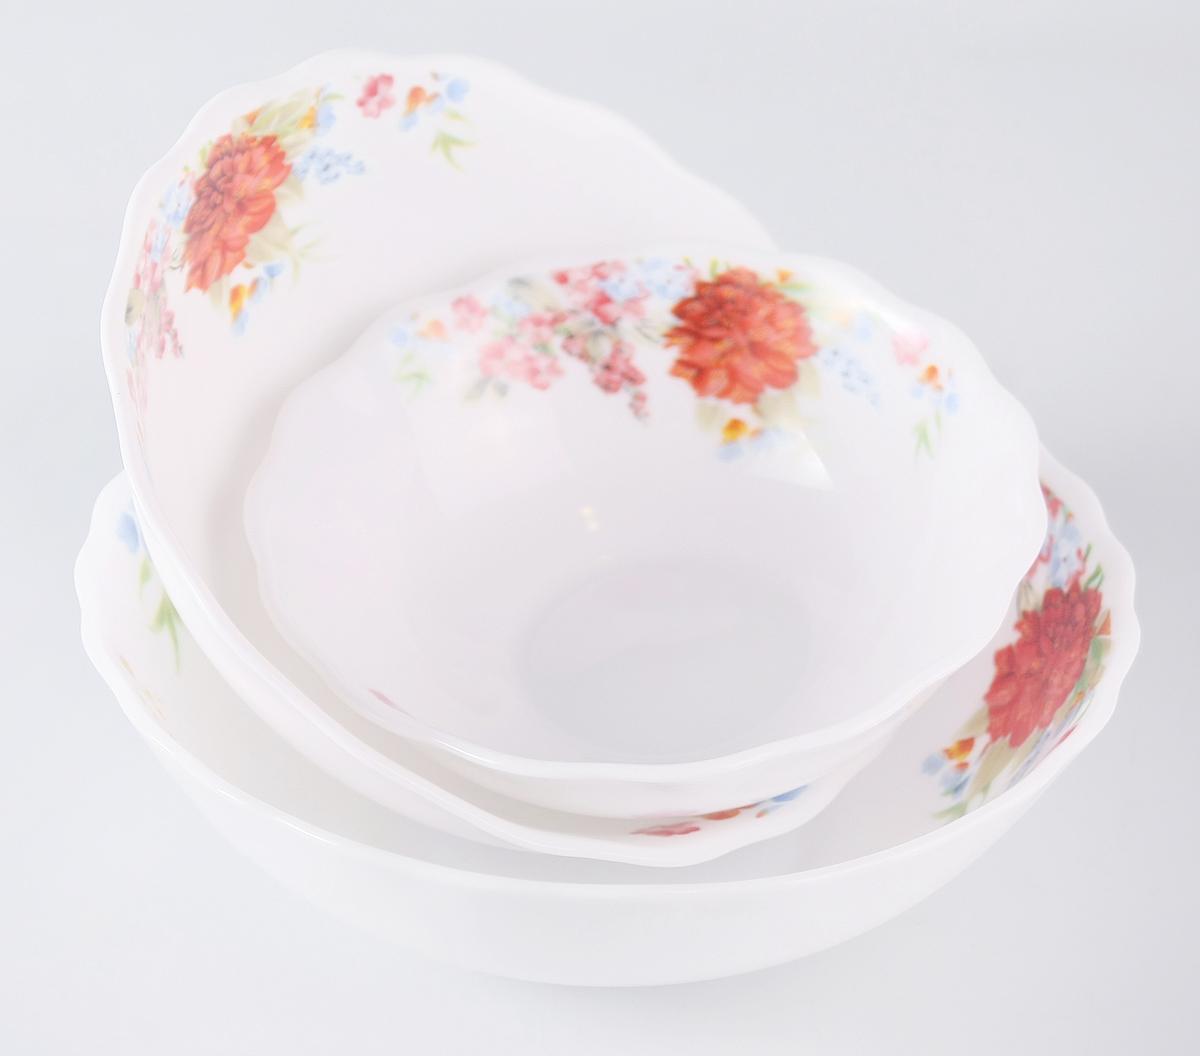 """Набор Olaff """"Наранга"""" состоит из 3 салатников.  В набор входят:  - 1 салатник 300 мл,  - 1 салатник 450 мл,  - 1 салатник 750 мл.  Набор продается в красивой подарочной упаковке.  Посуда изготовлена из качественной стеклокерамики."""